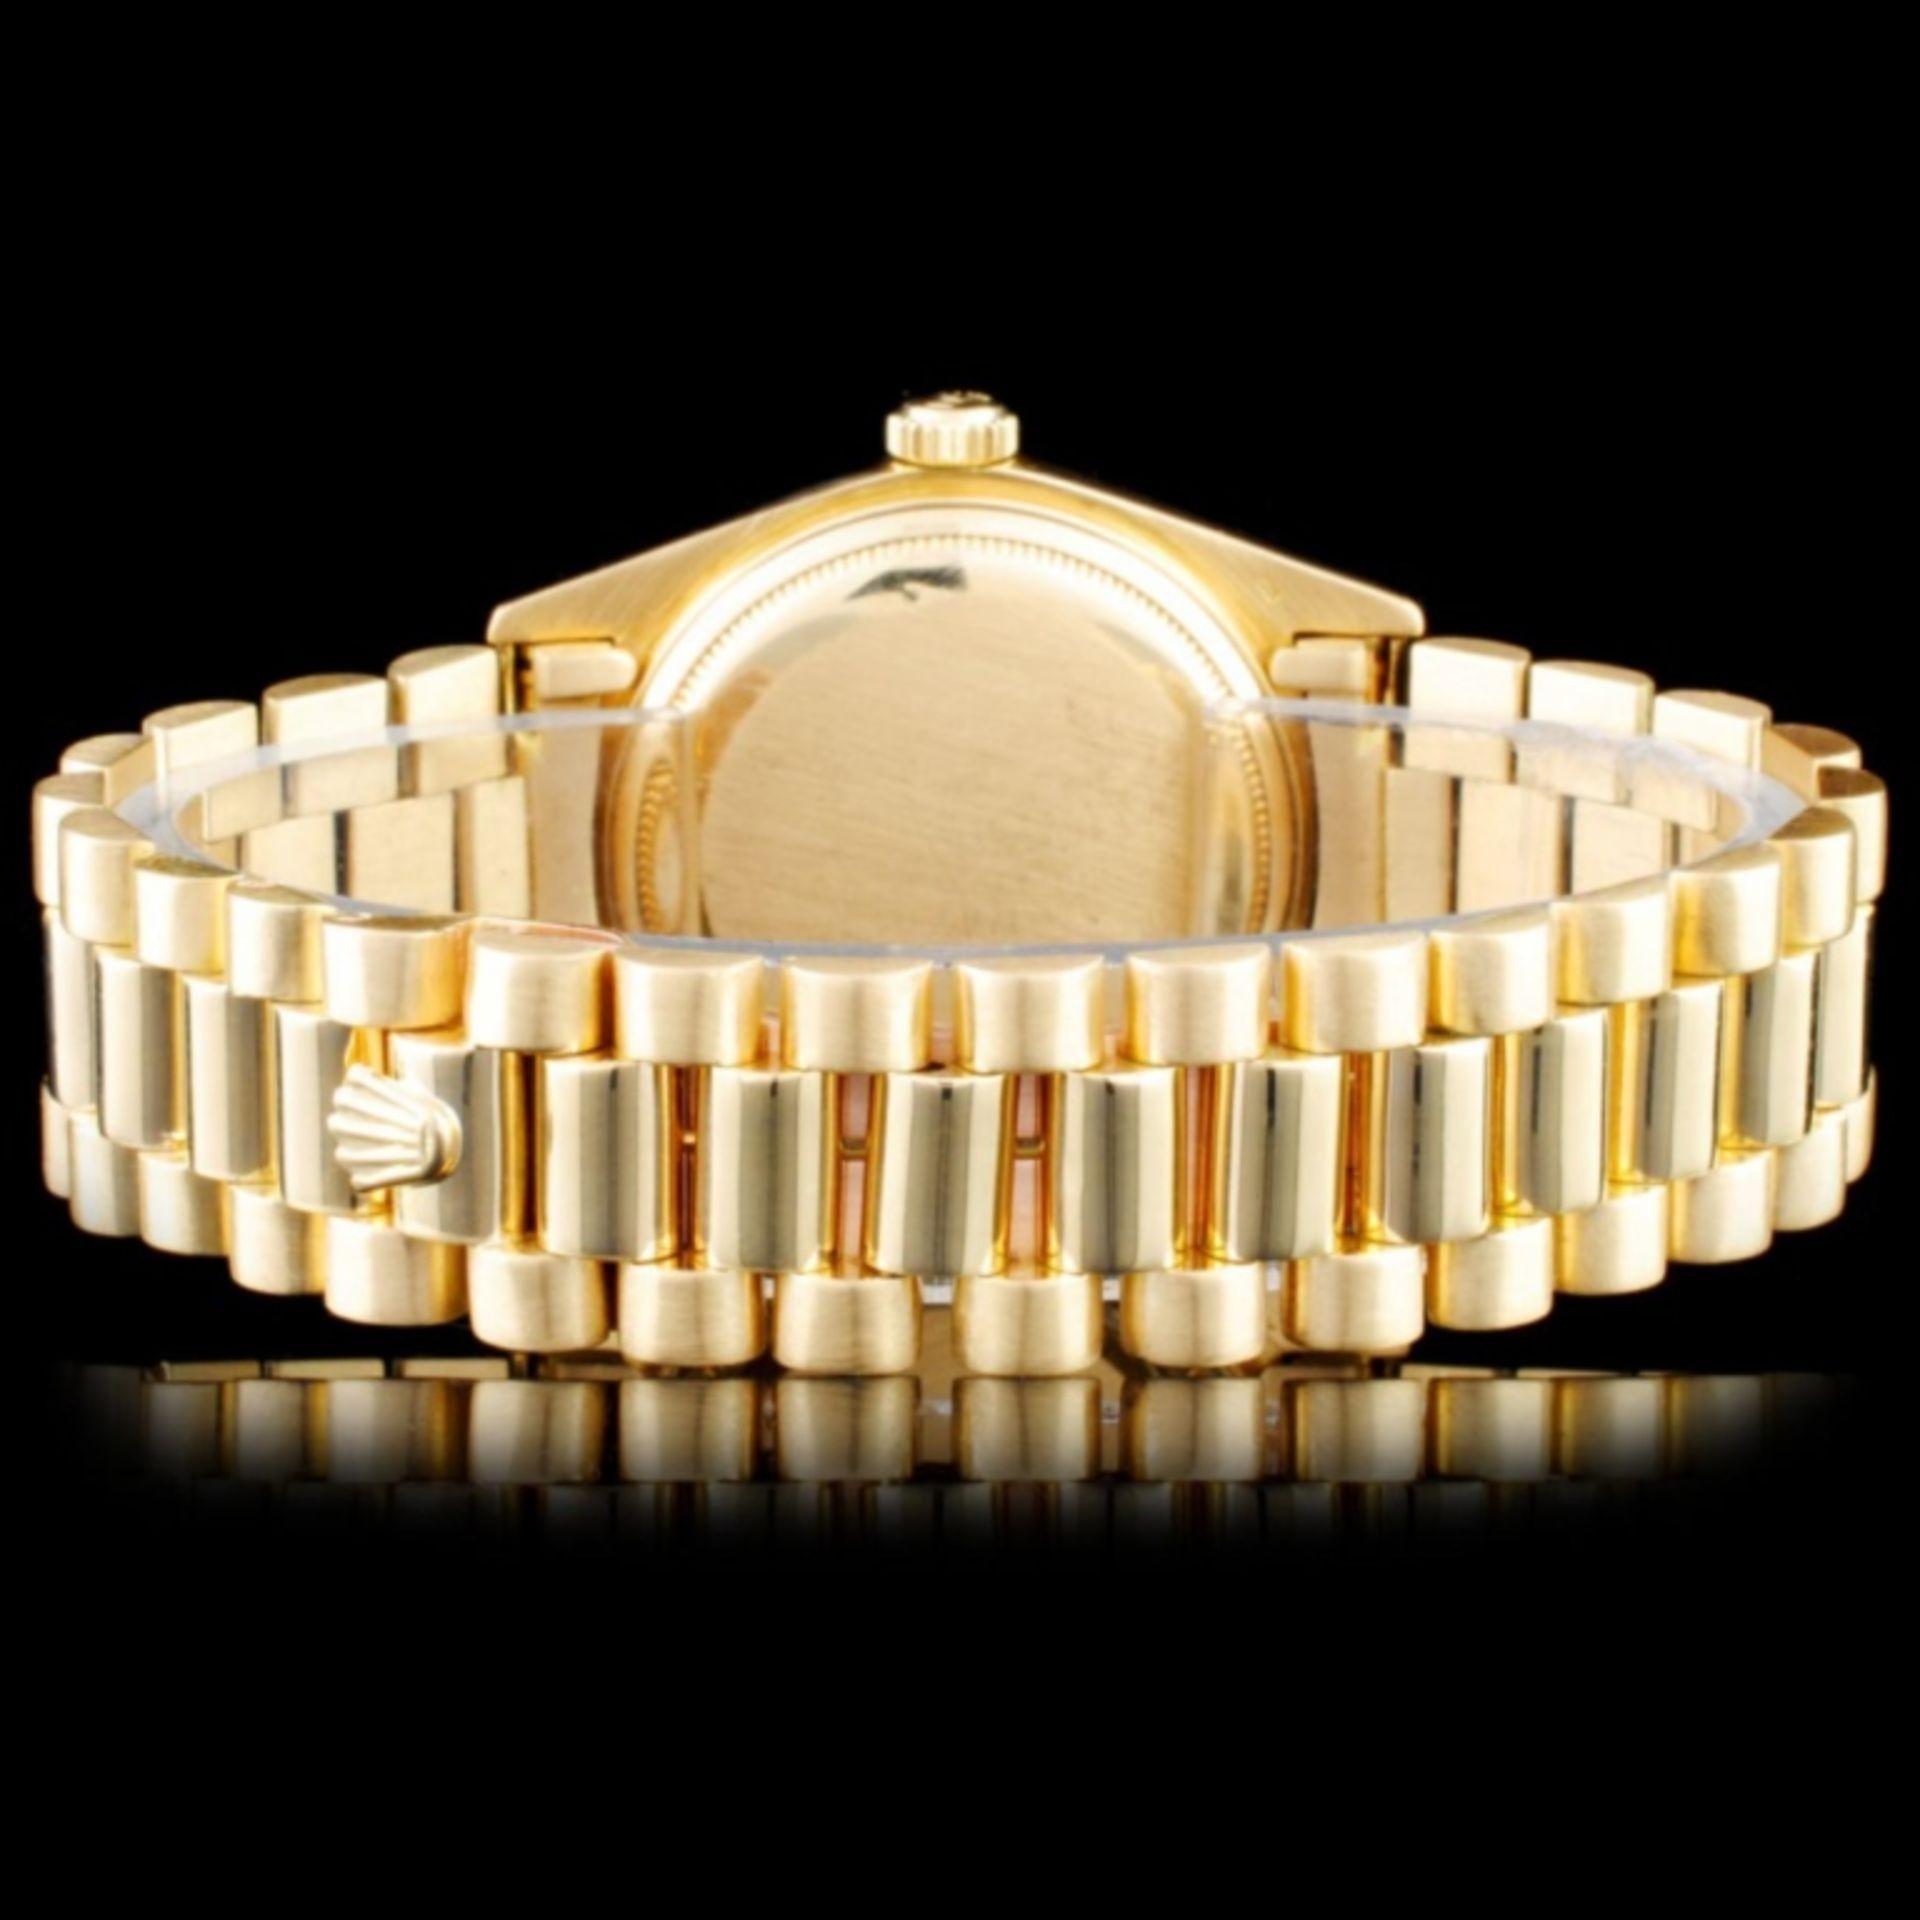 Rolex 18K YG Presidential Diamond Wristwatc - Image 3 of 4